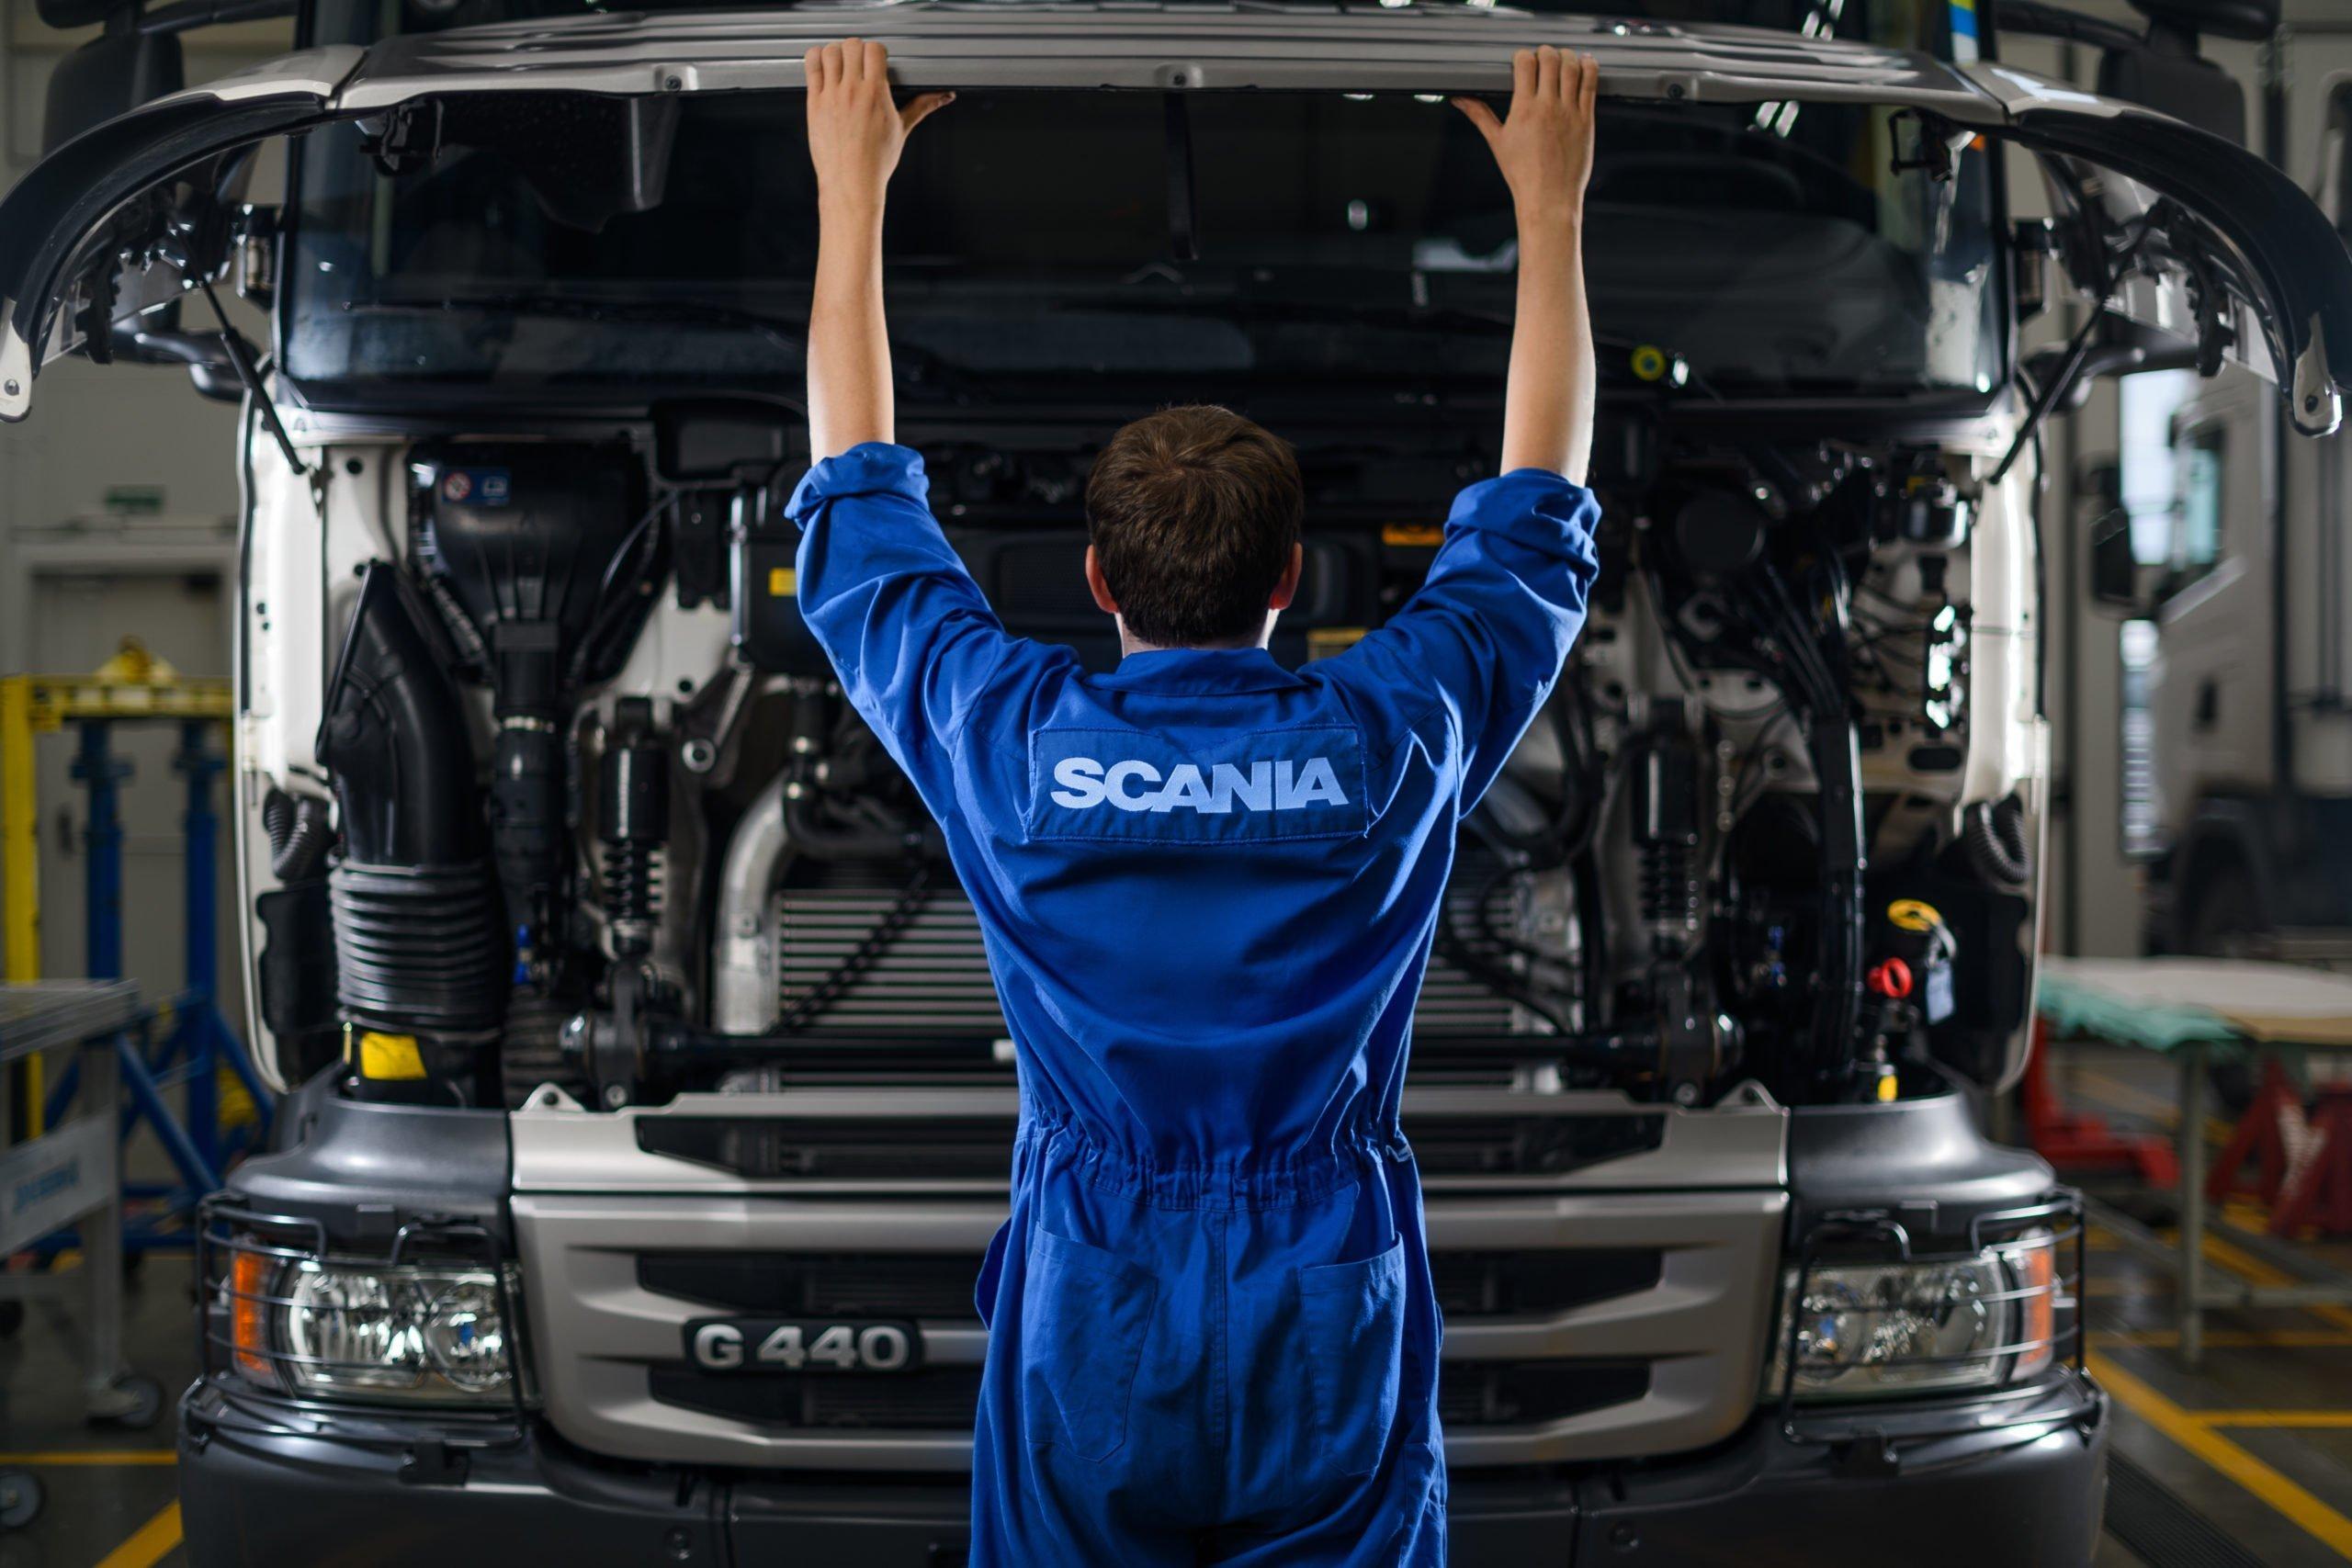 Старше техника-выше скидка: Scania выпустила на рынок обновленные сервисные решения